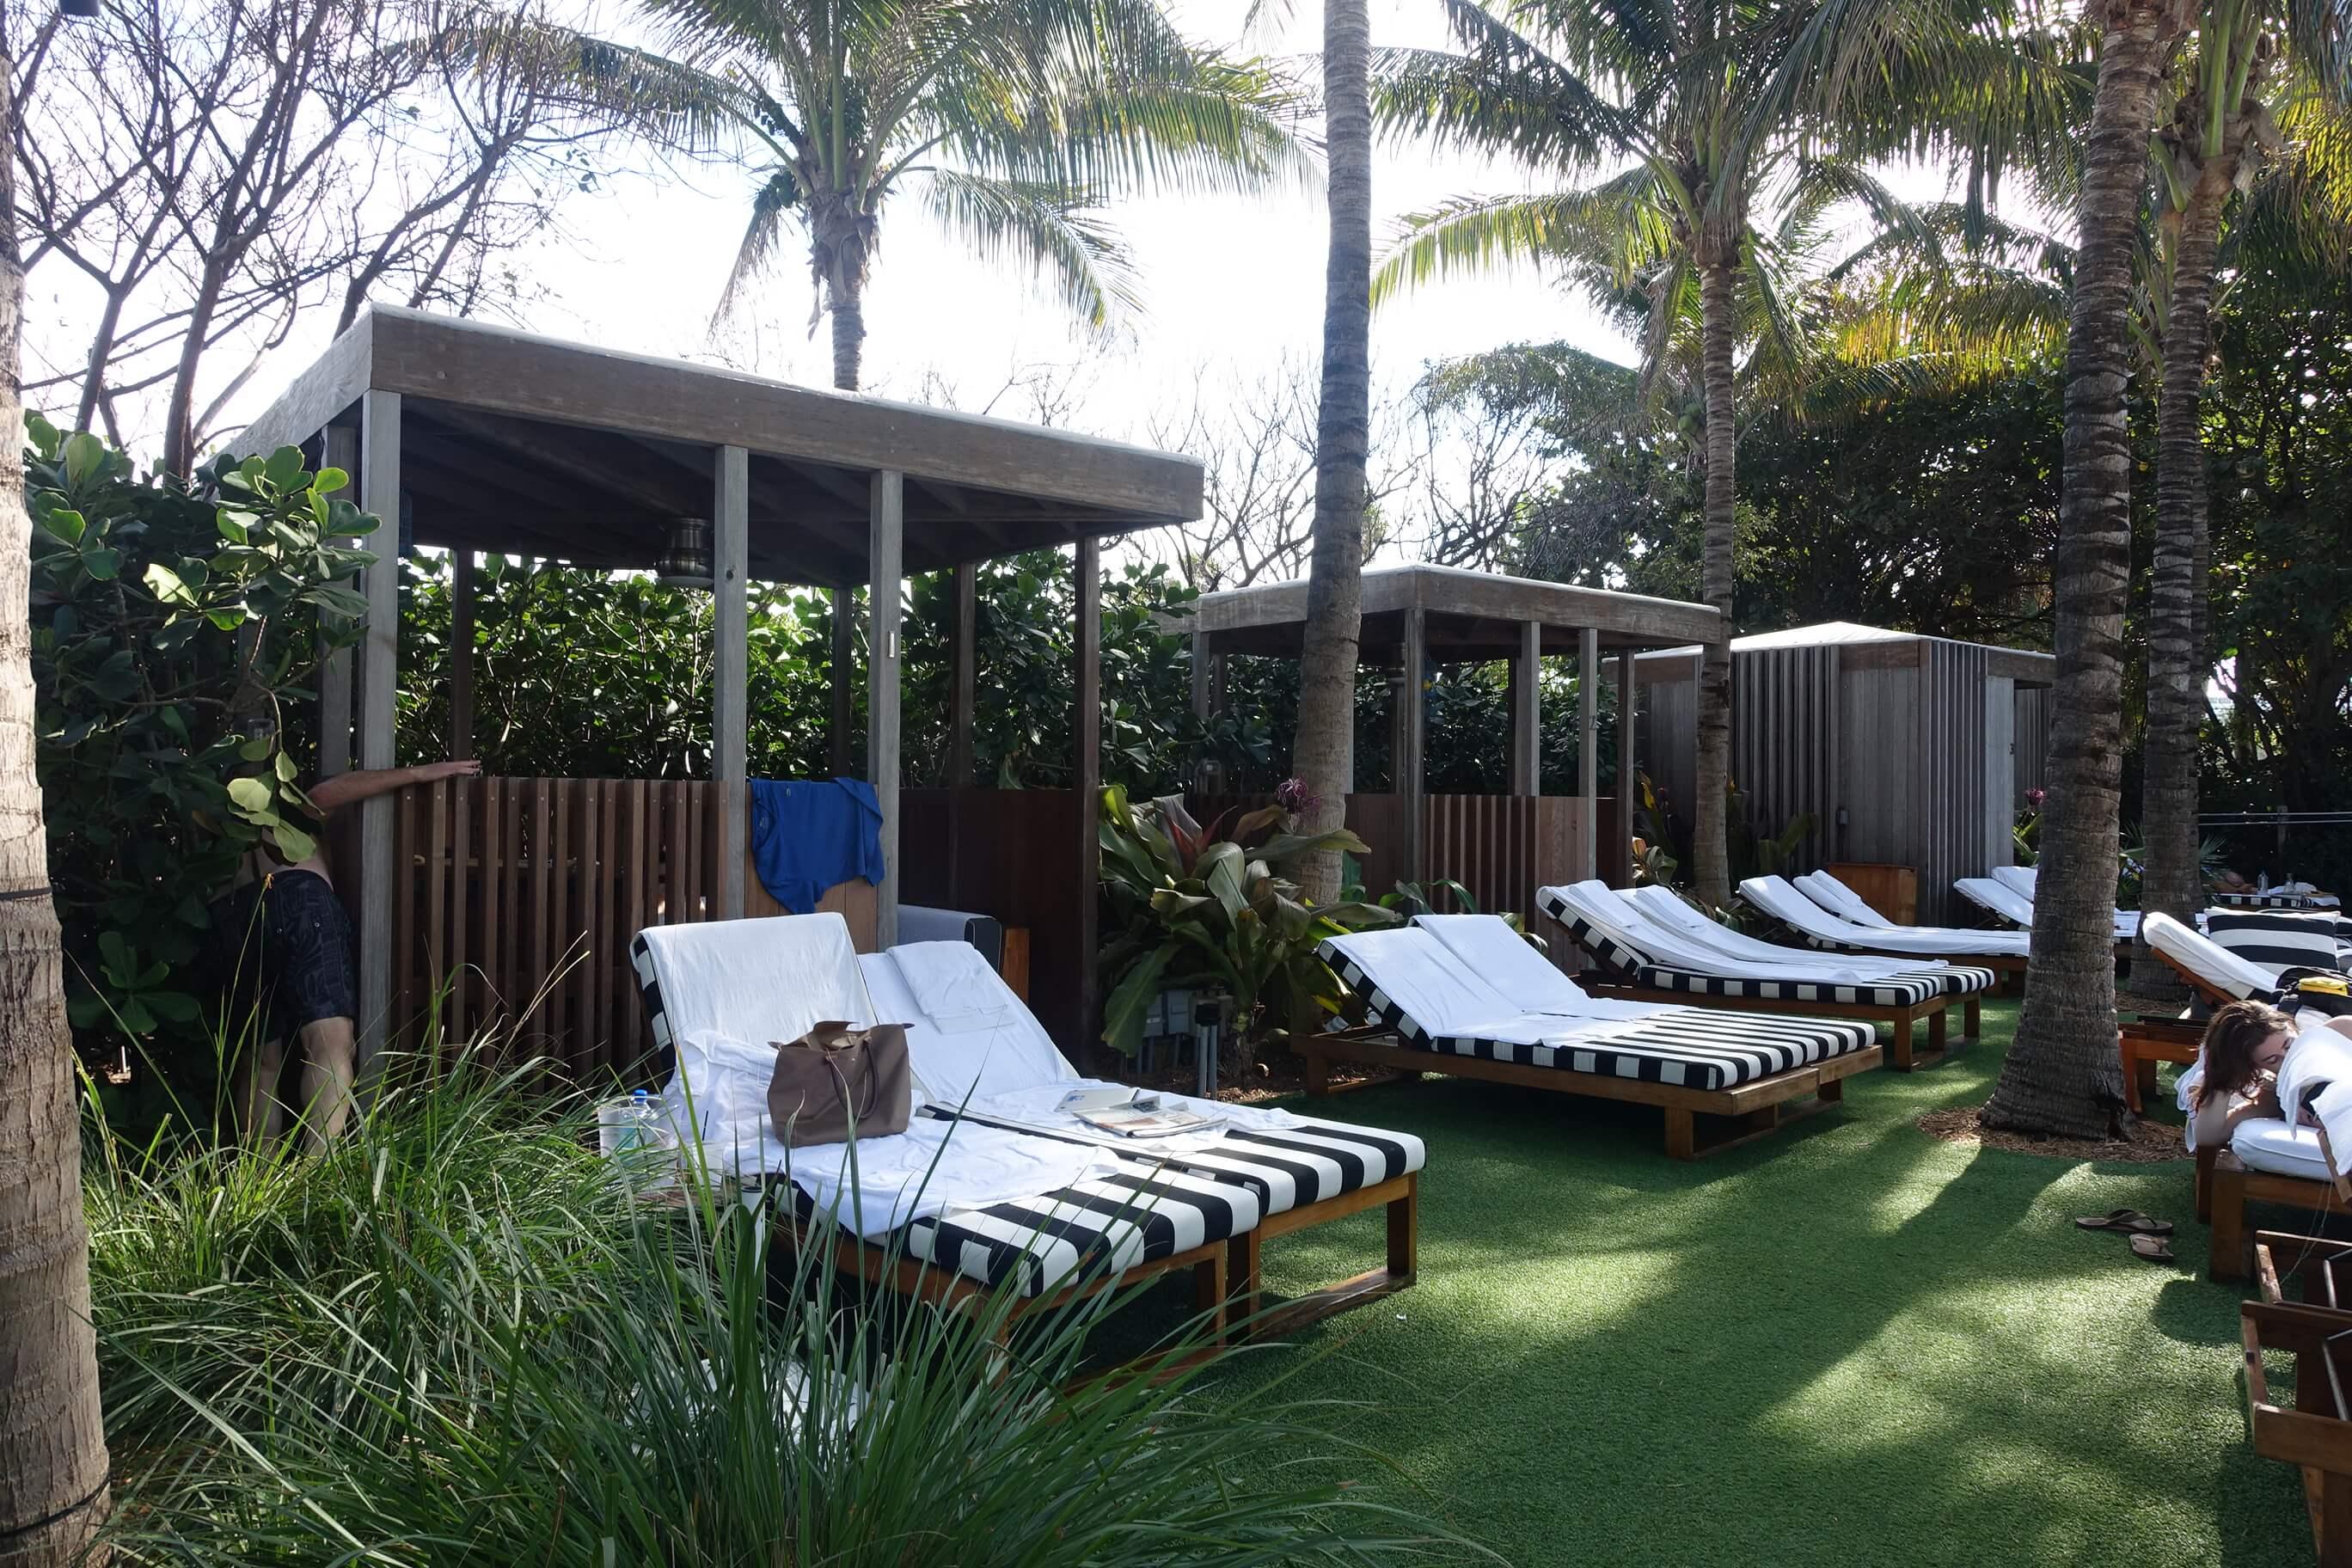 gardens lakes near attractions garden en destinations us hotels in miami south indigo cheap hotel beach florida